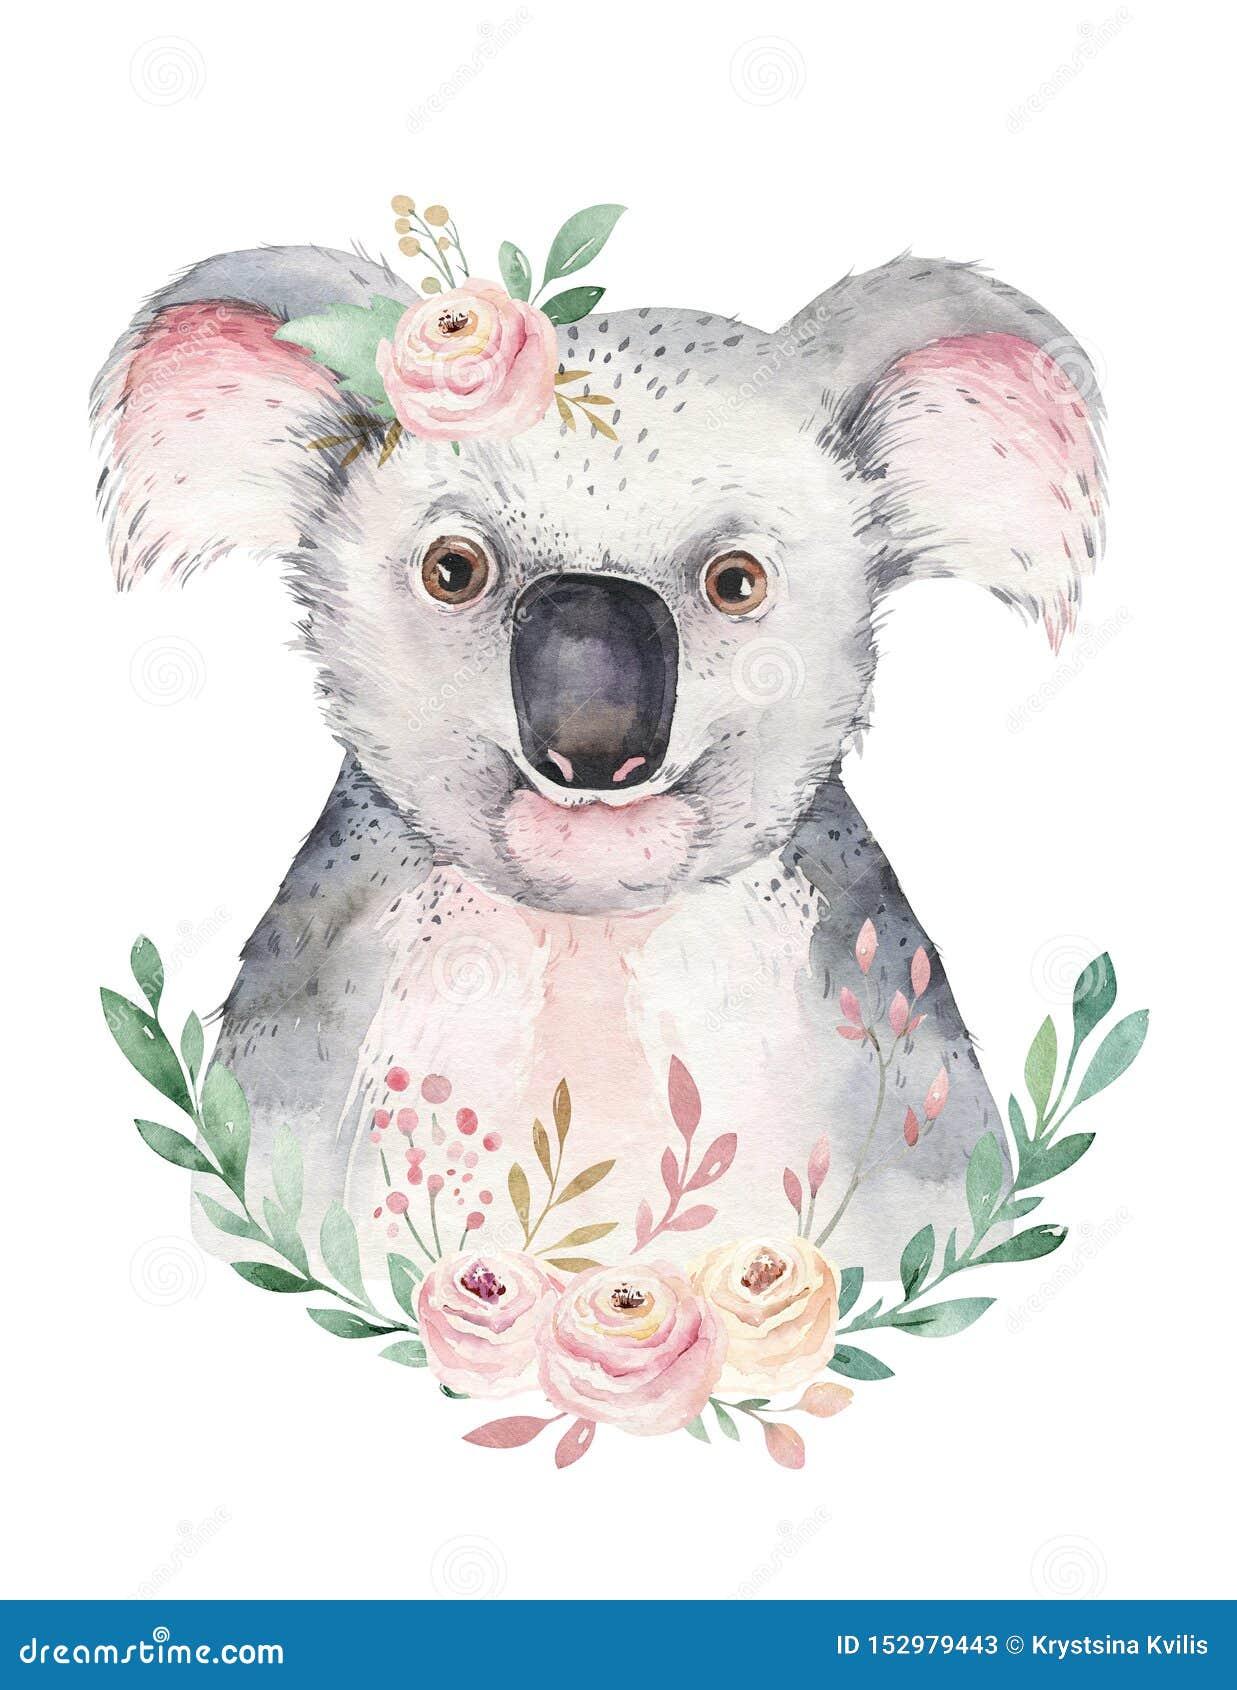 Um Cartaz Com Uma Coala Ilustracao Animal Tropical Da Coala Dos